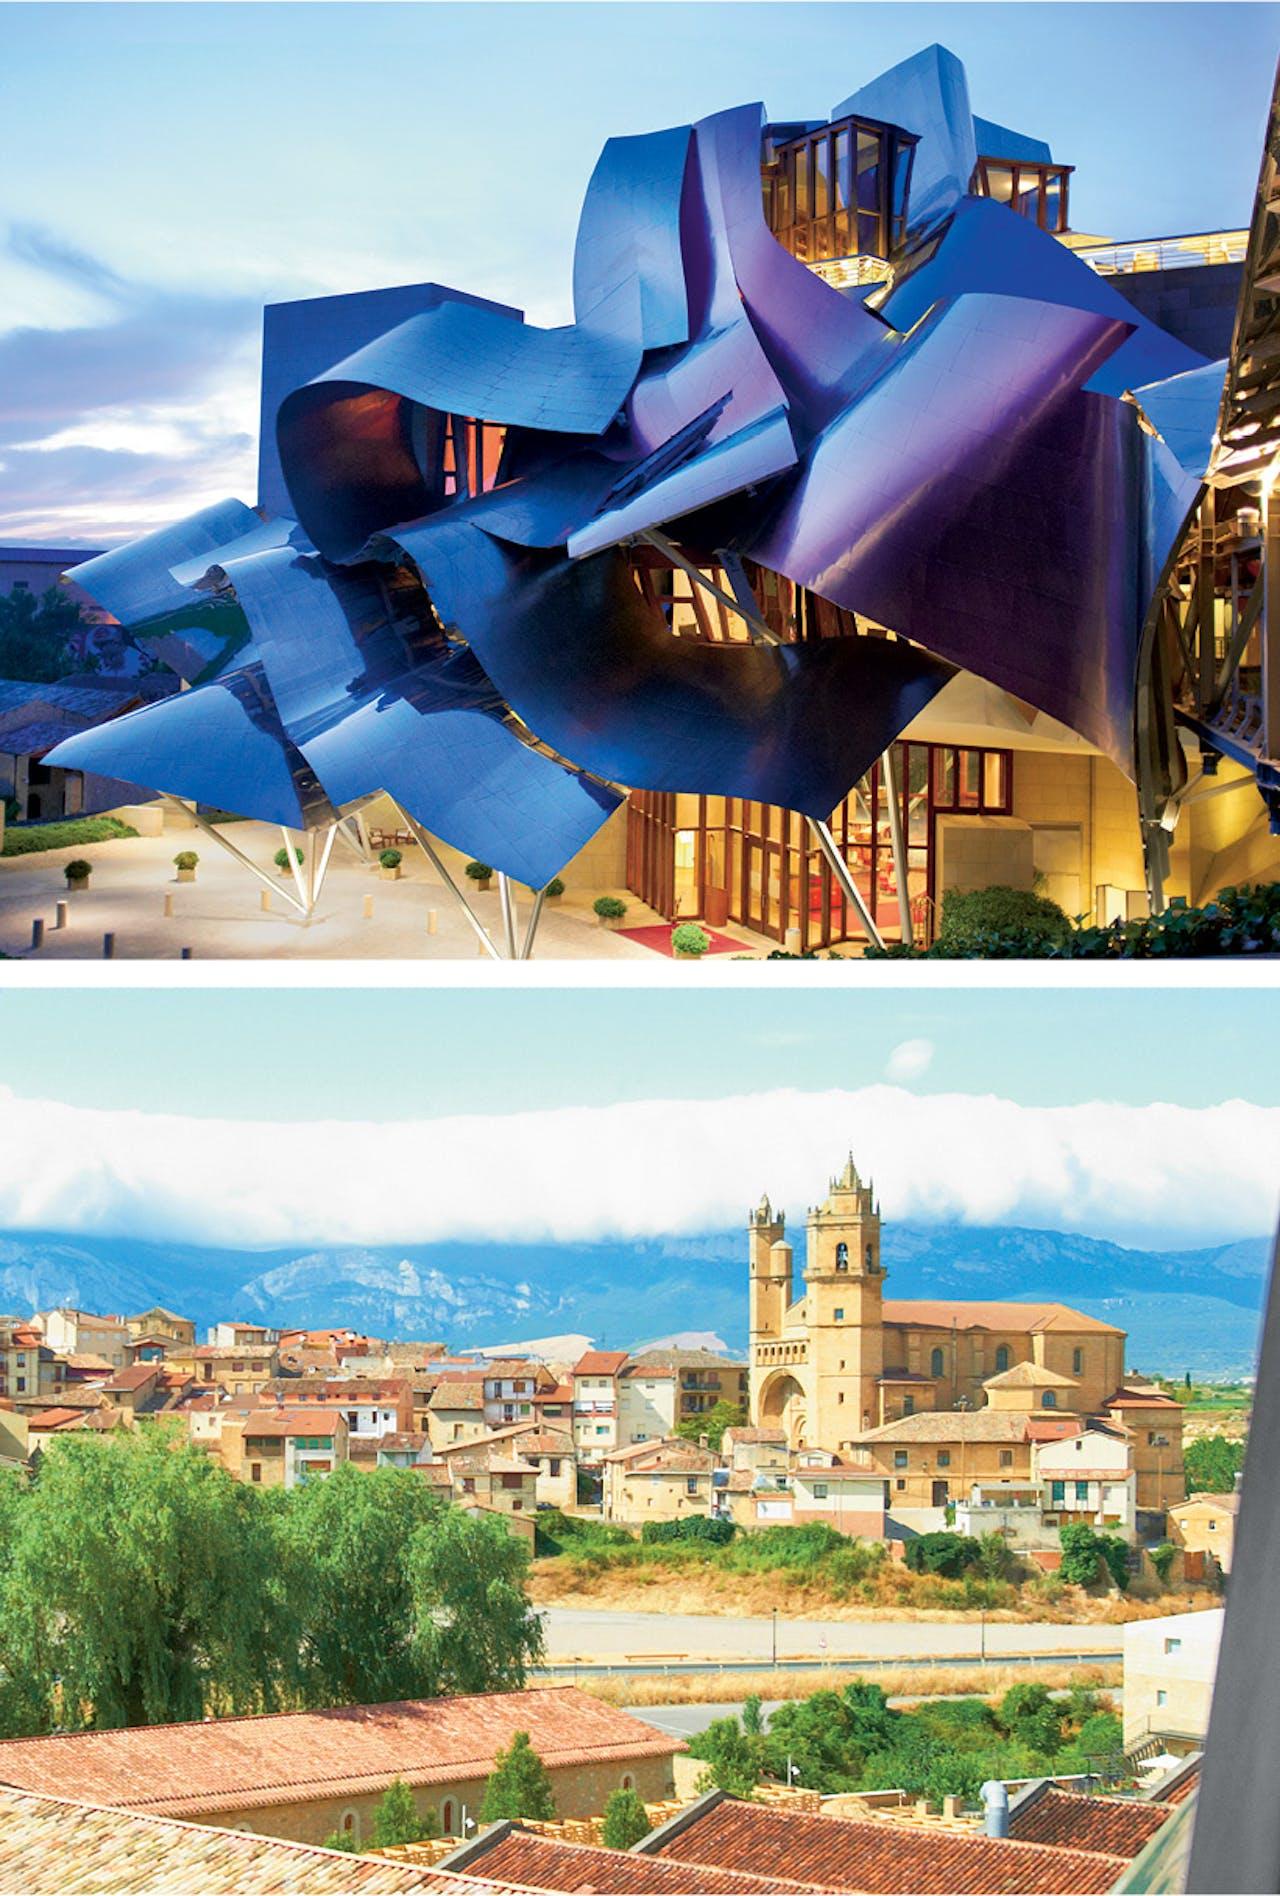 Boven: de Canadees-Amerikaanse architect Frank Gehry ontwierp het gebouw. Onder: vanaf de diverse hotelterrassen kijk je prachtig uit over het middeleeuwse stadje Elciego.